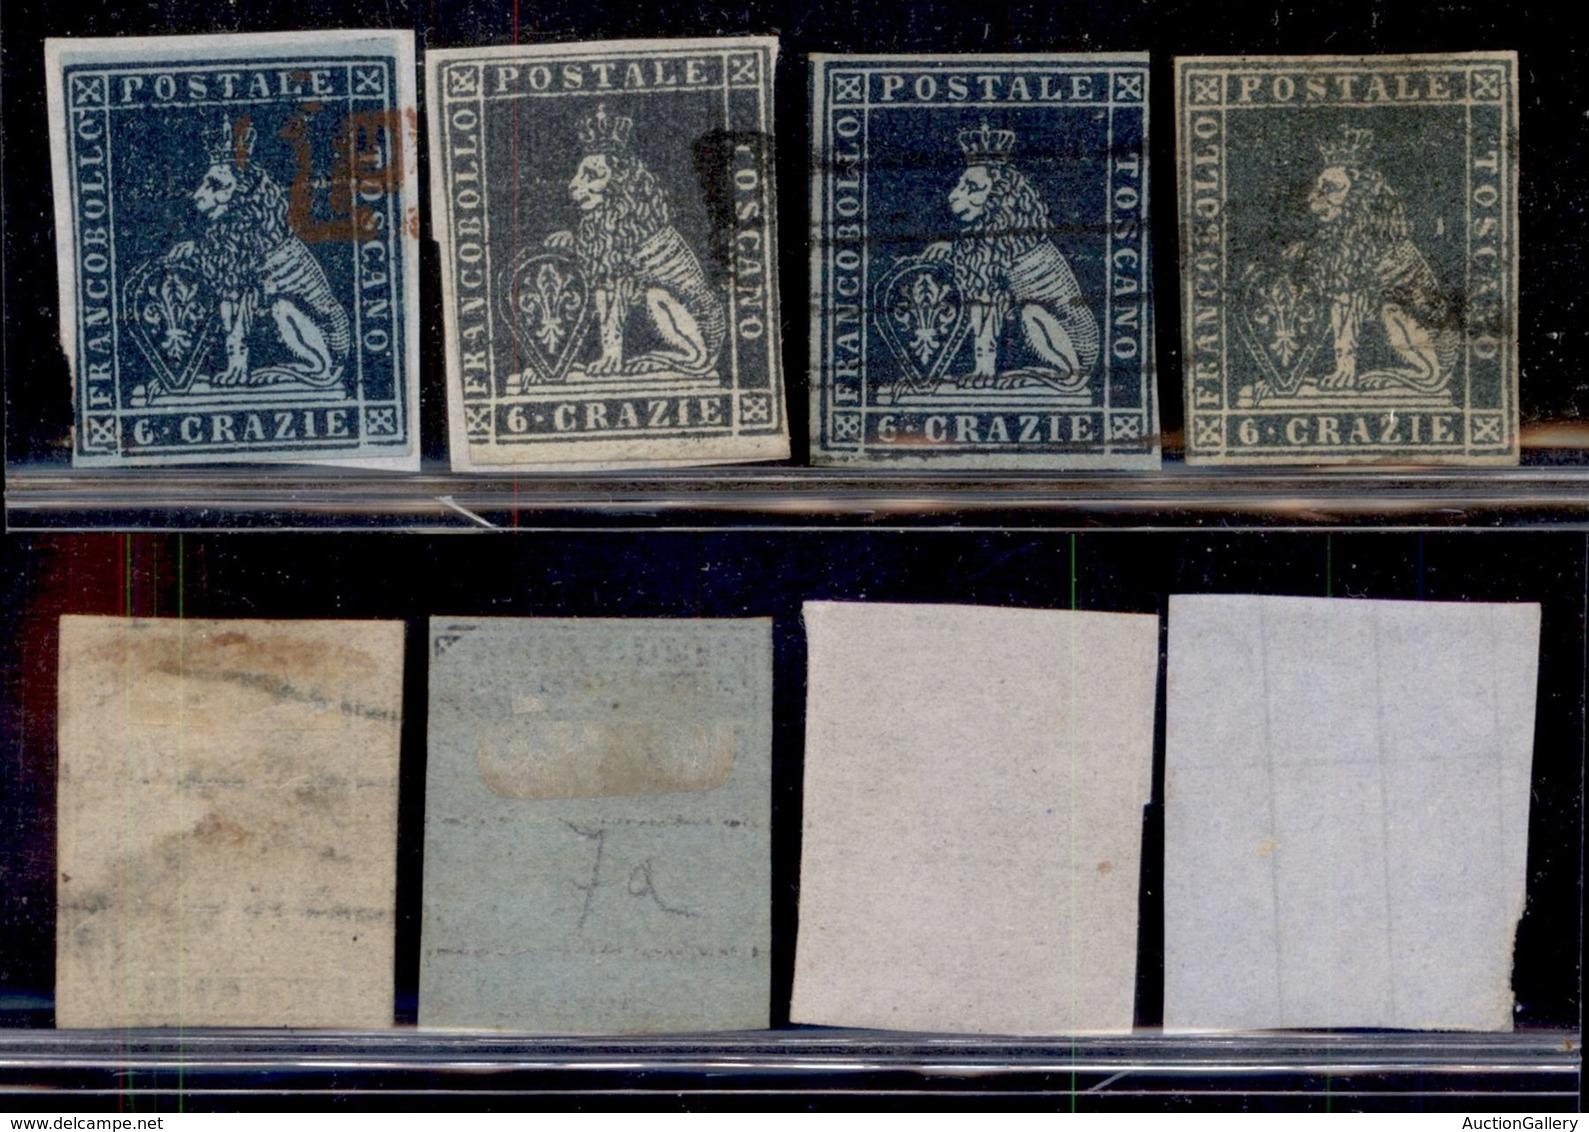 Antichi Stati Italiani - Toscana - 1851 - 6 Crazie (7/7c) - Quattro Usati - Colori Diversi - Margini Corti - Sellos